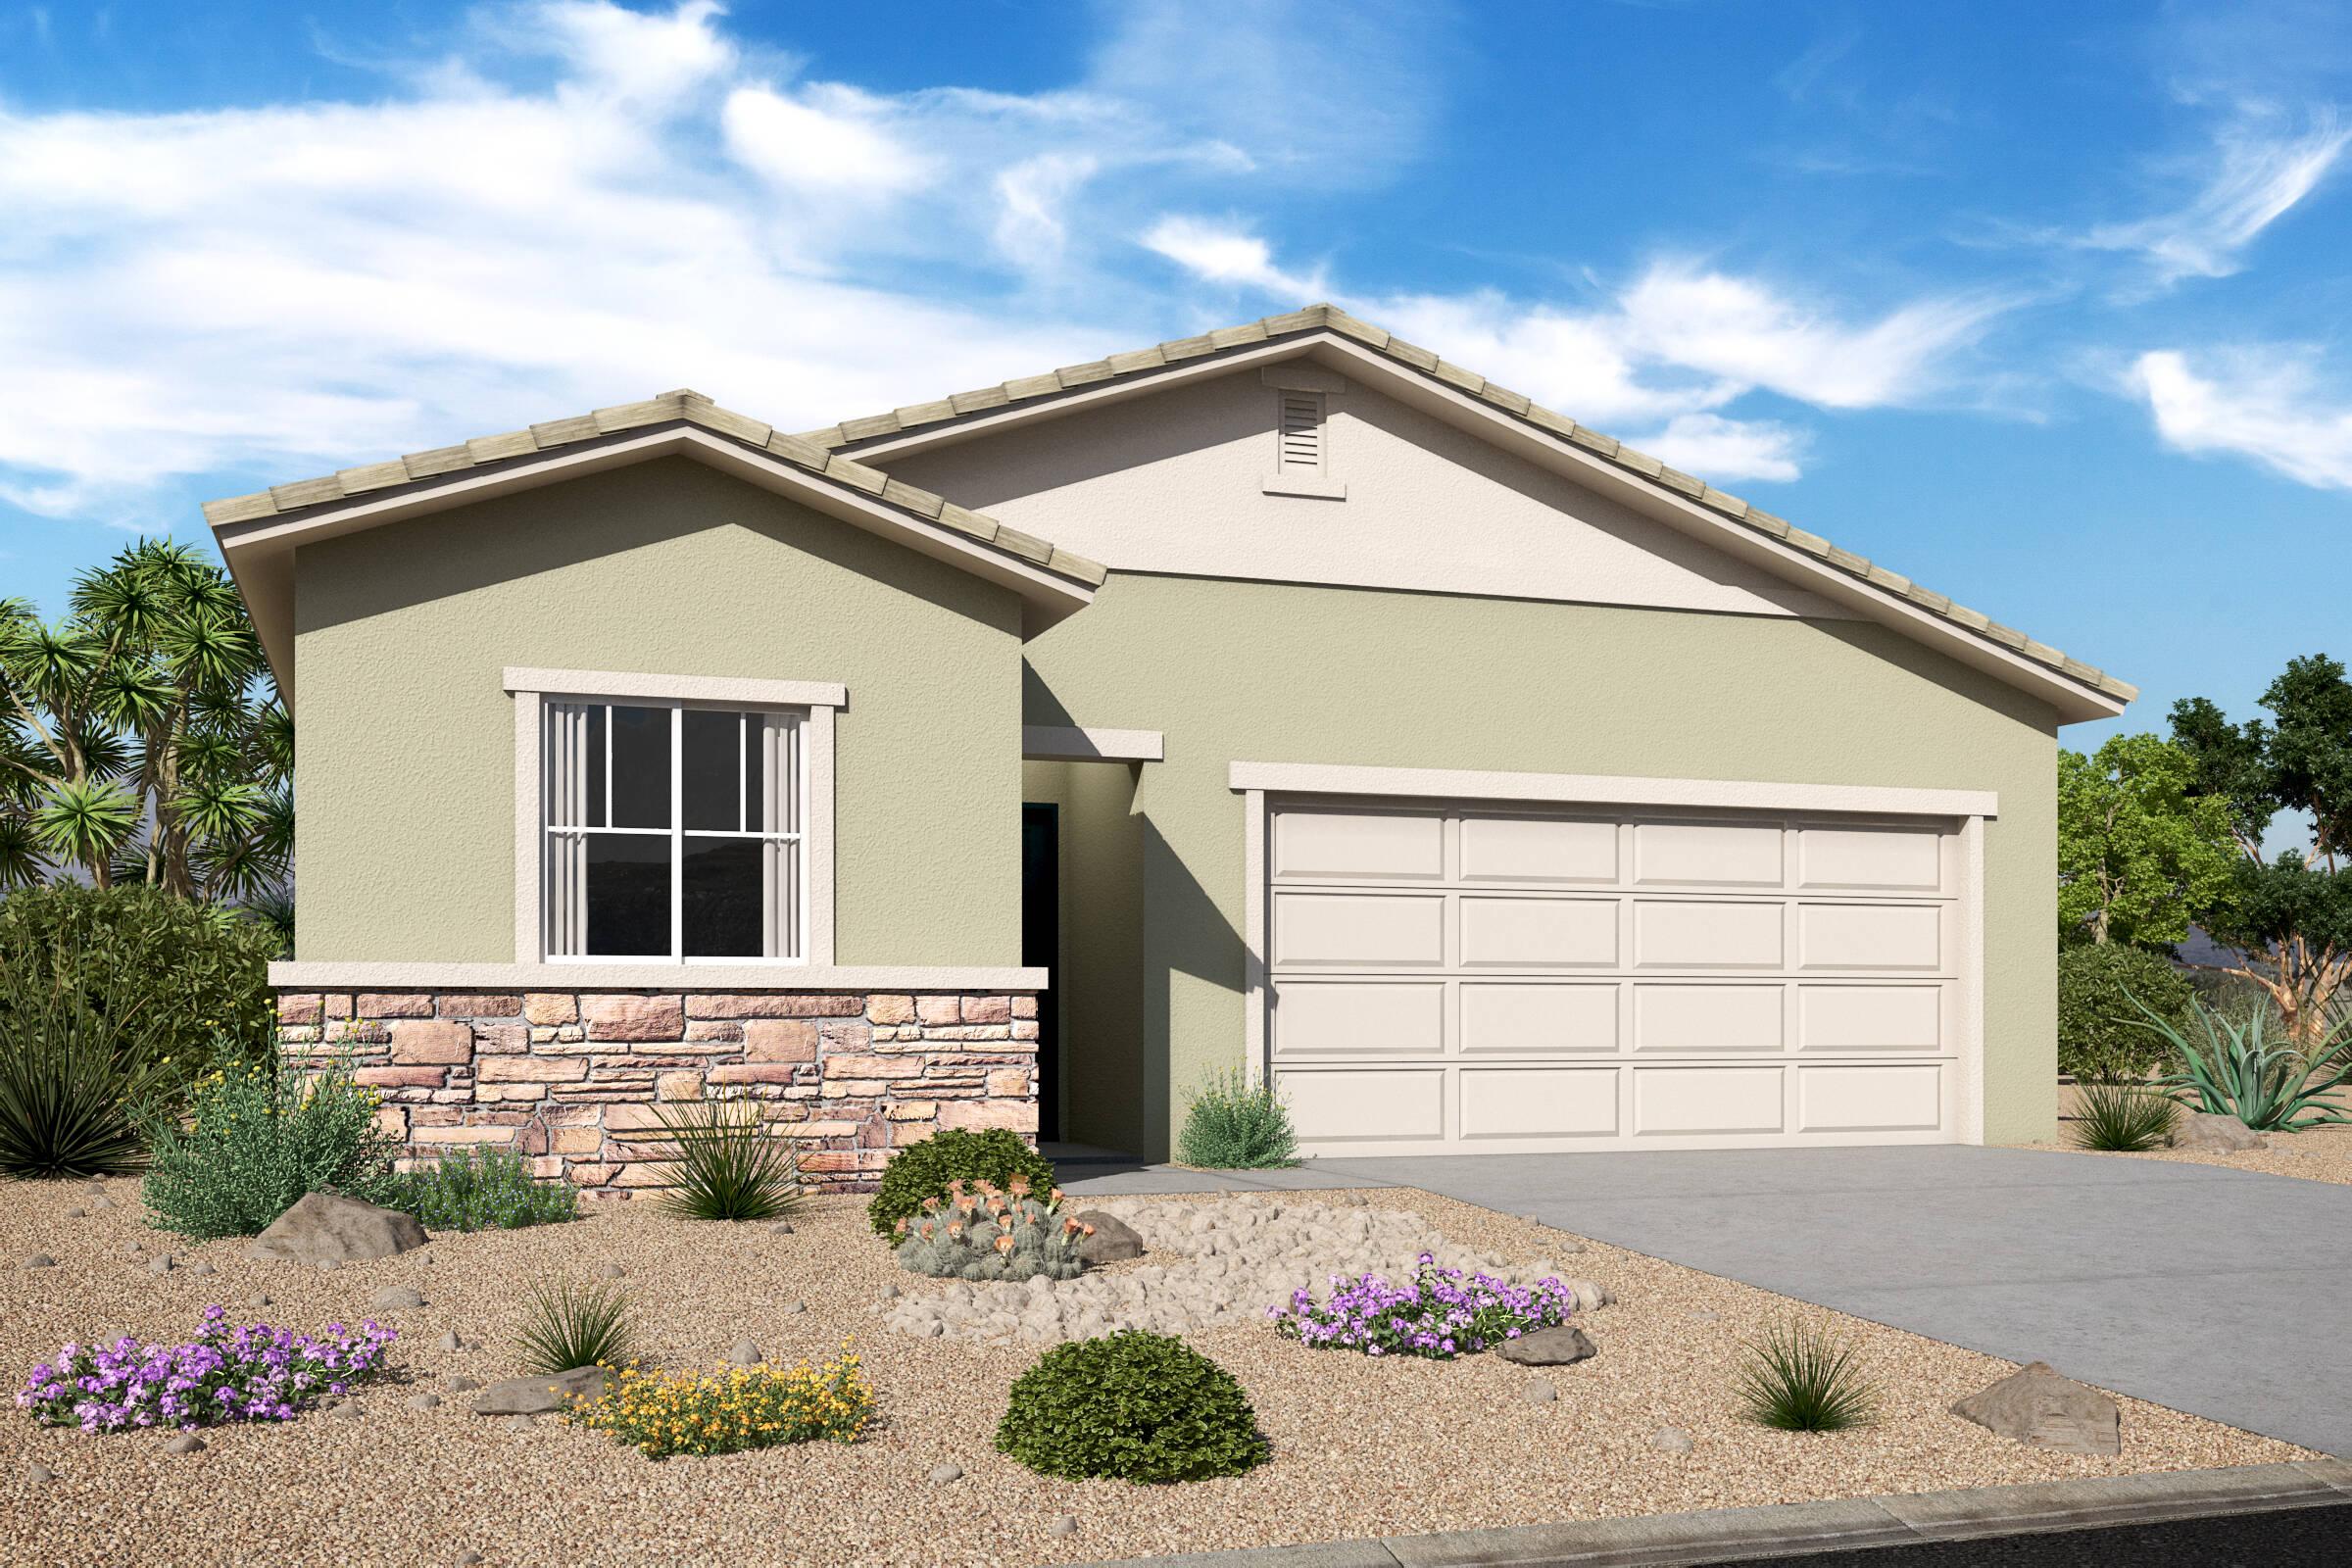 3575 celebration e craftsman new homes aspire at montana vista